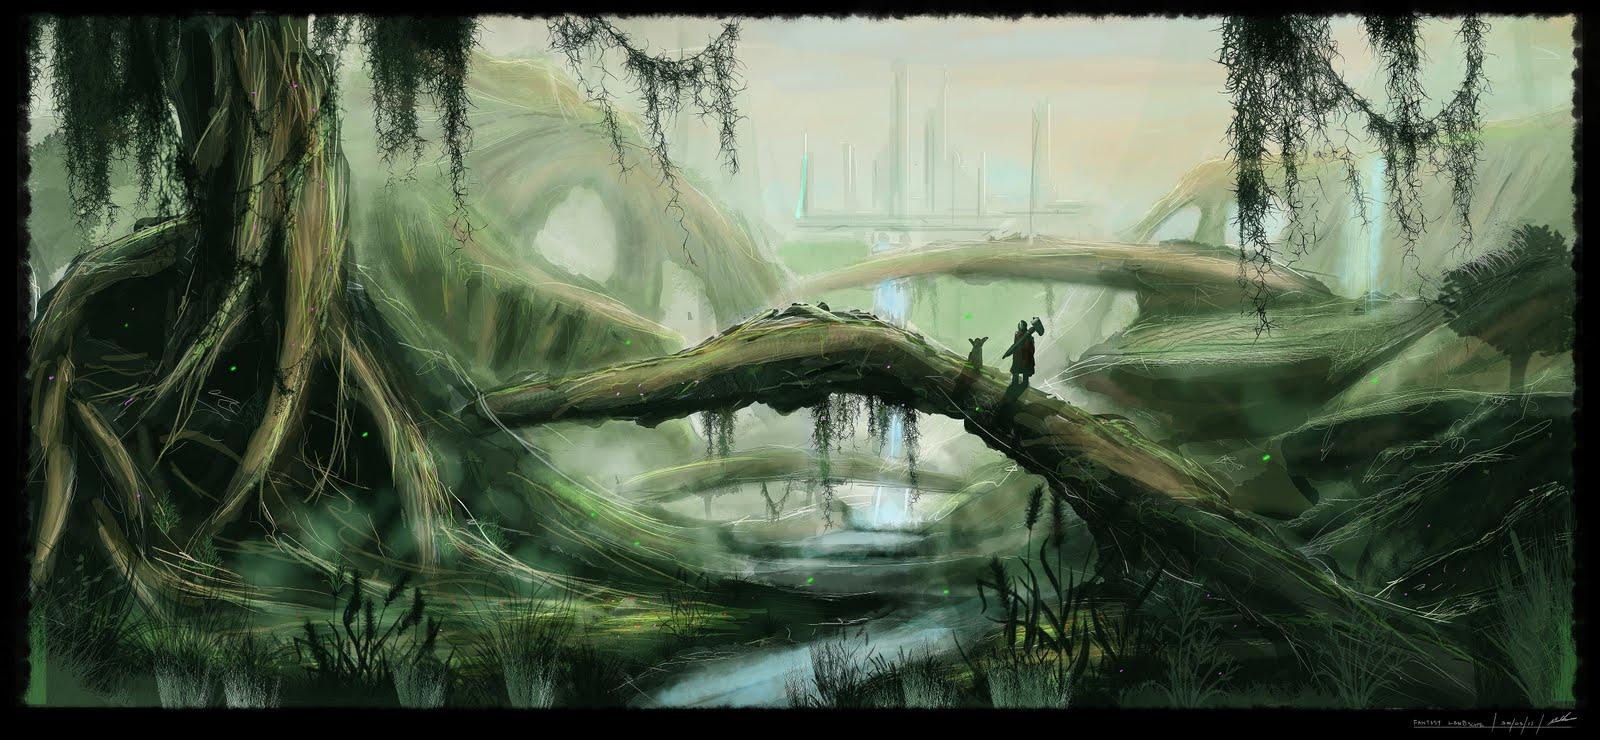 Fantasy Landscape By Maks D3i3ygz